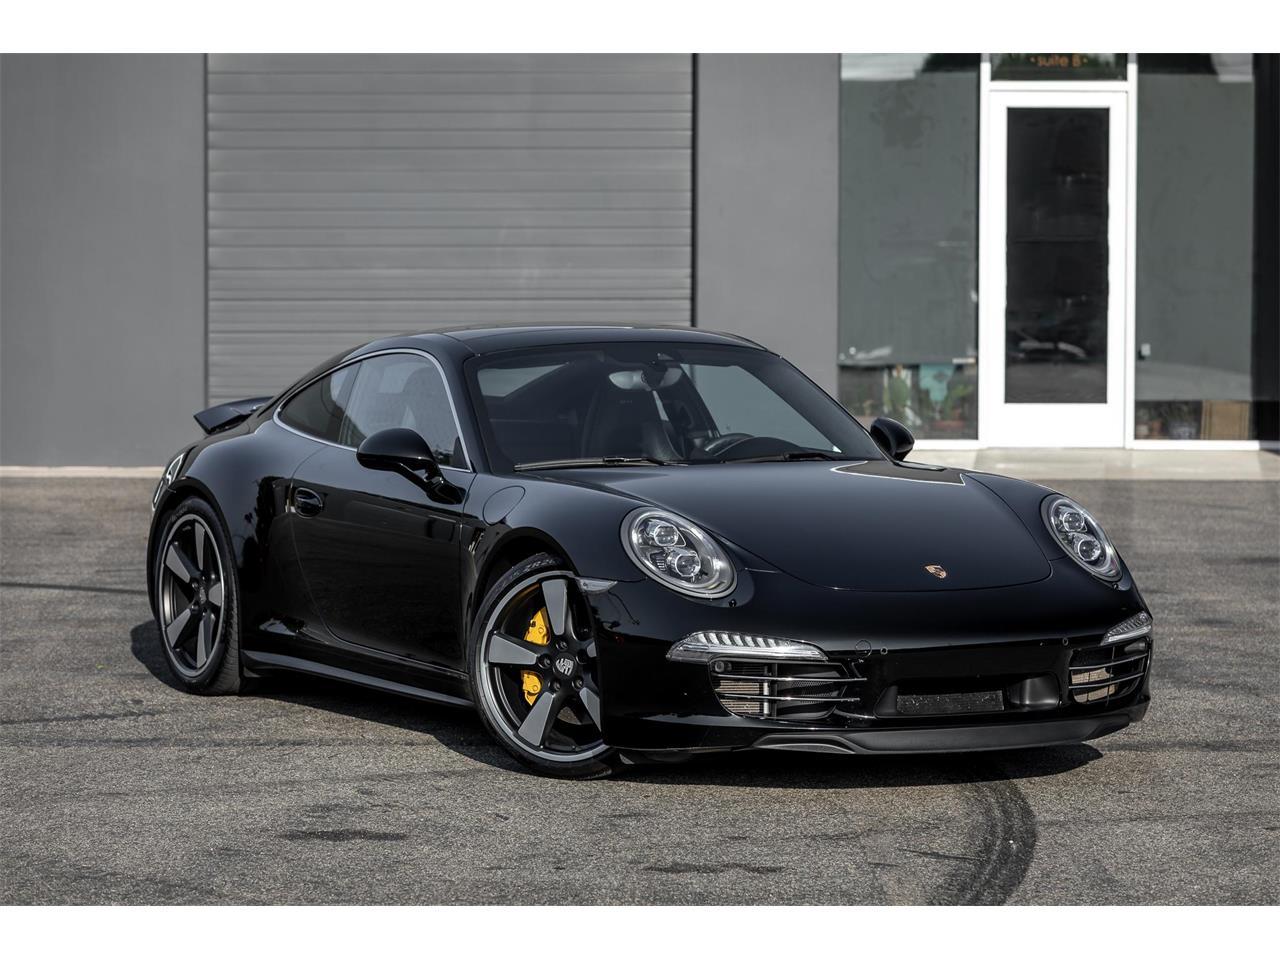 2014 Porsche 911 (CC-1263673) for sale in Costa Mesa, California